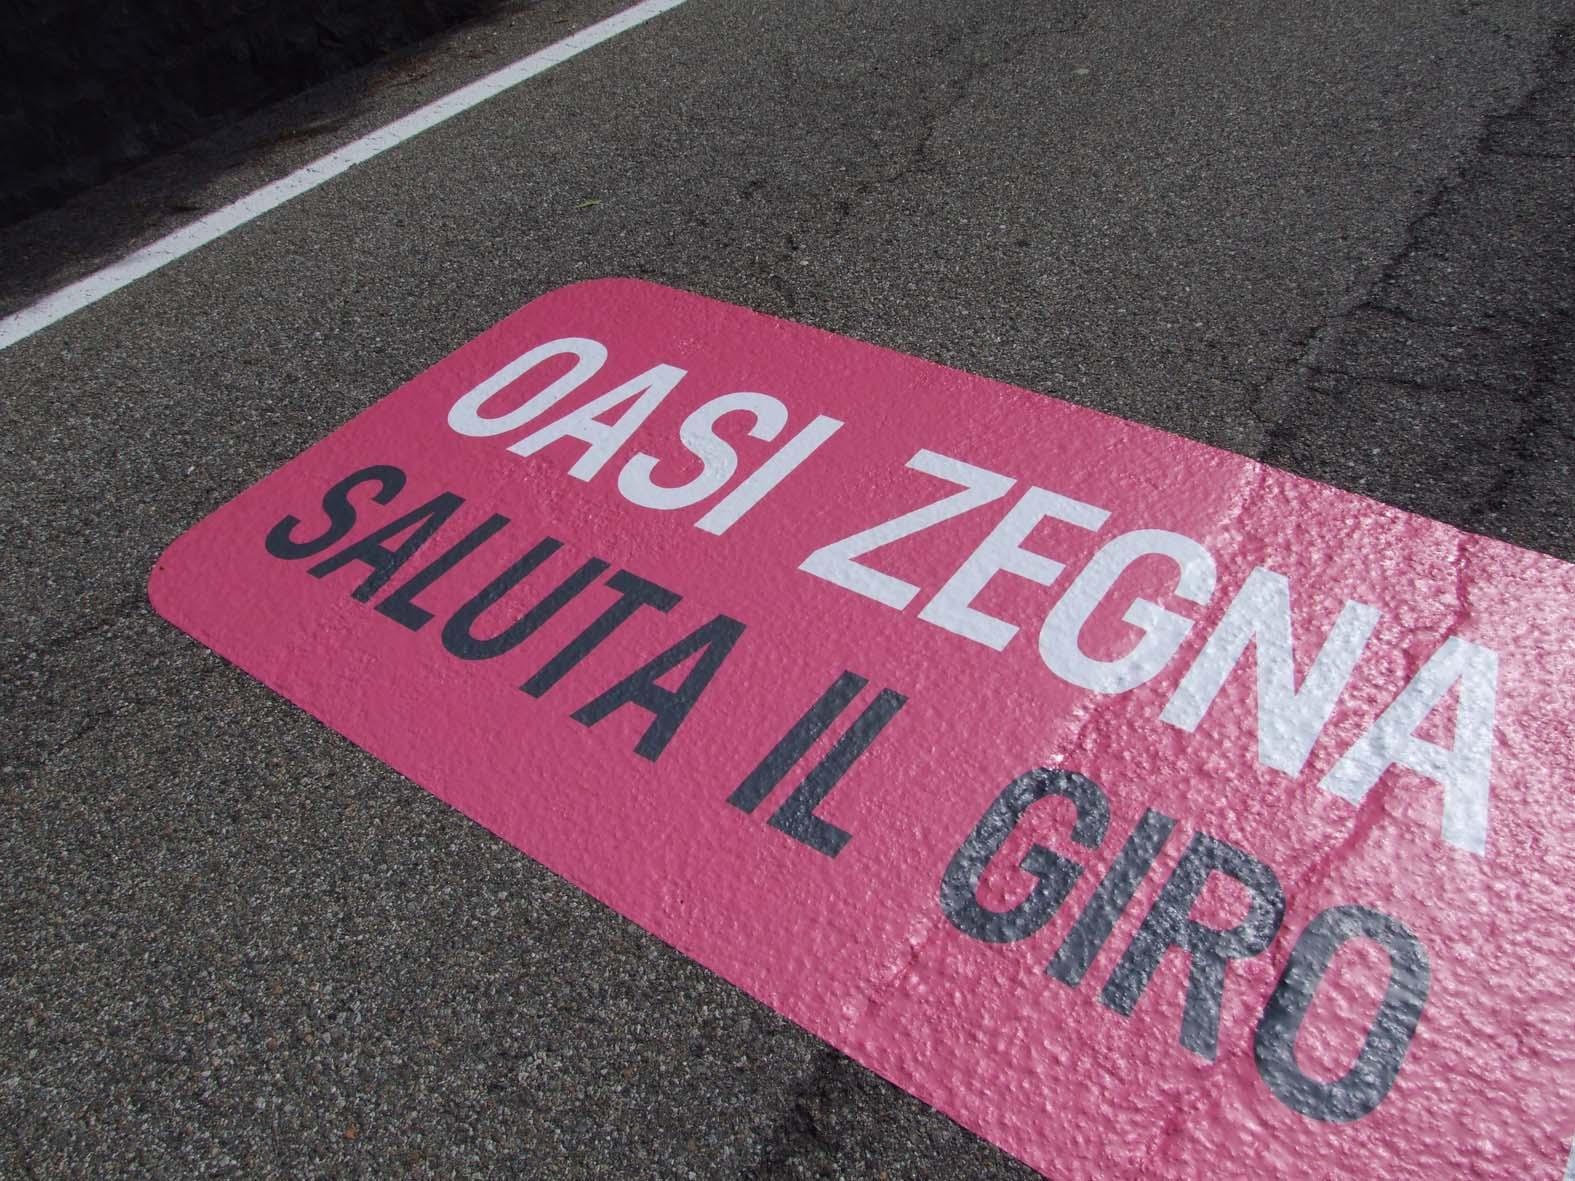 Oasi Zegna Giro